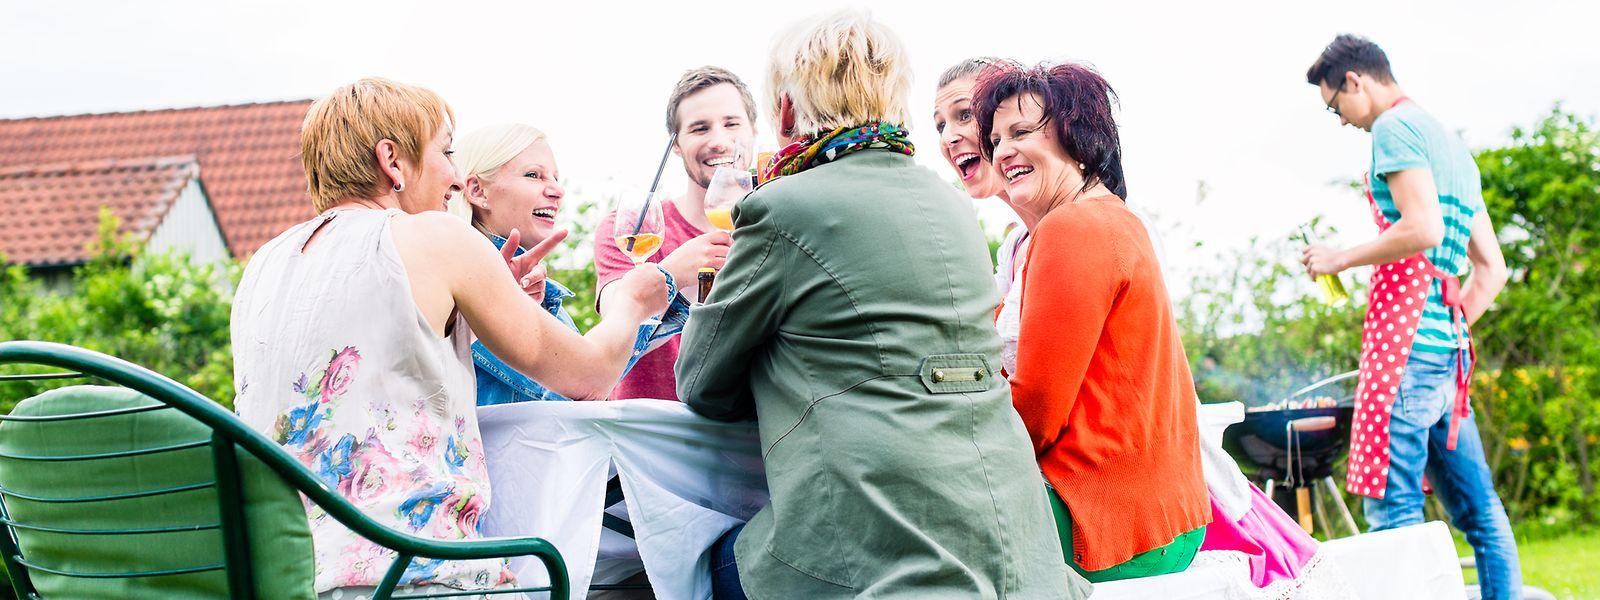 Freunde statt Fremde: Die Nopeschfester sollen dabei helfen, das Eis zu brechen – für ein geselligeres Zusammenleben.⋌ Foto: Shutterstock